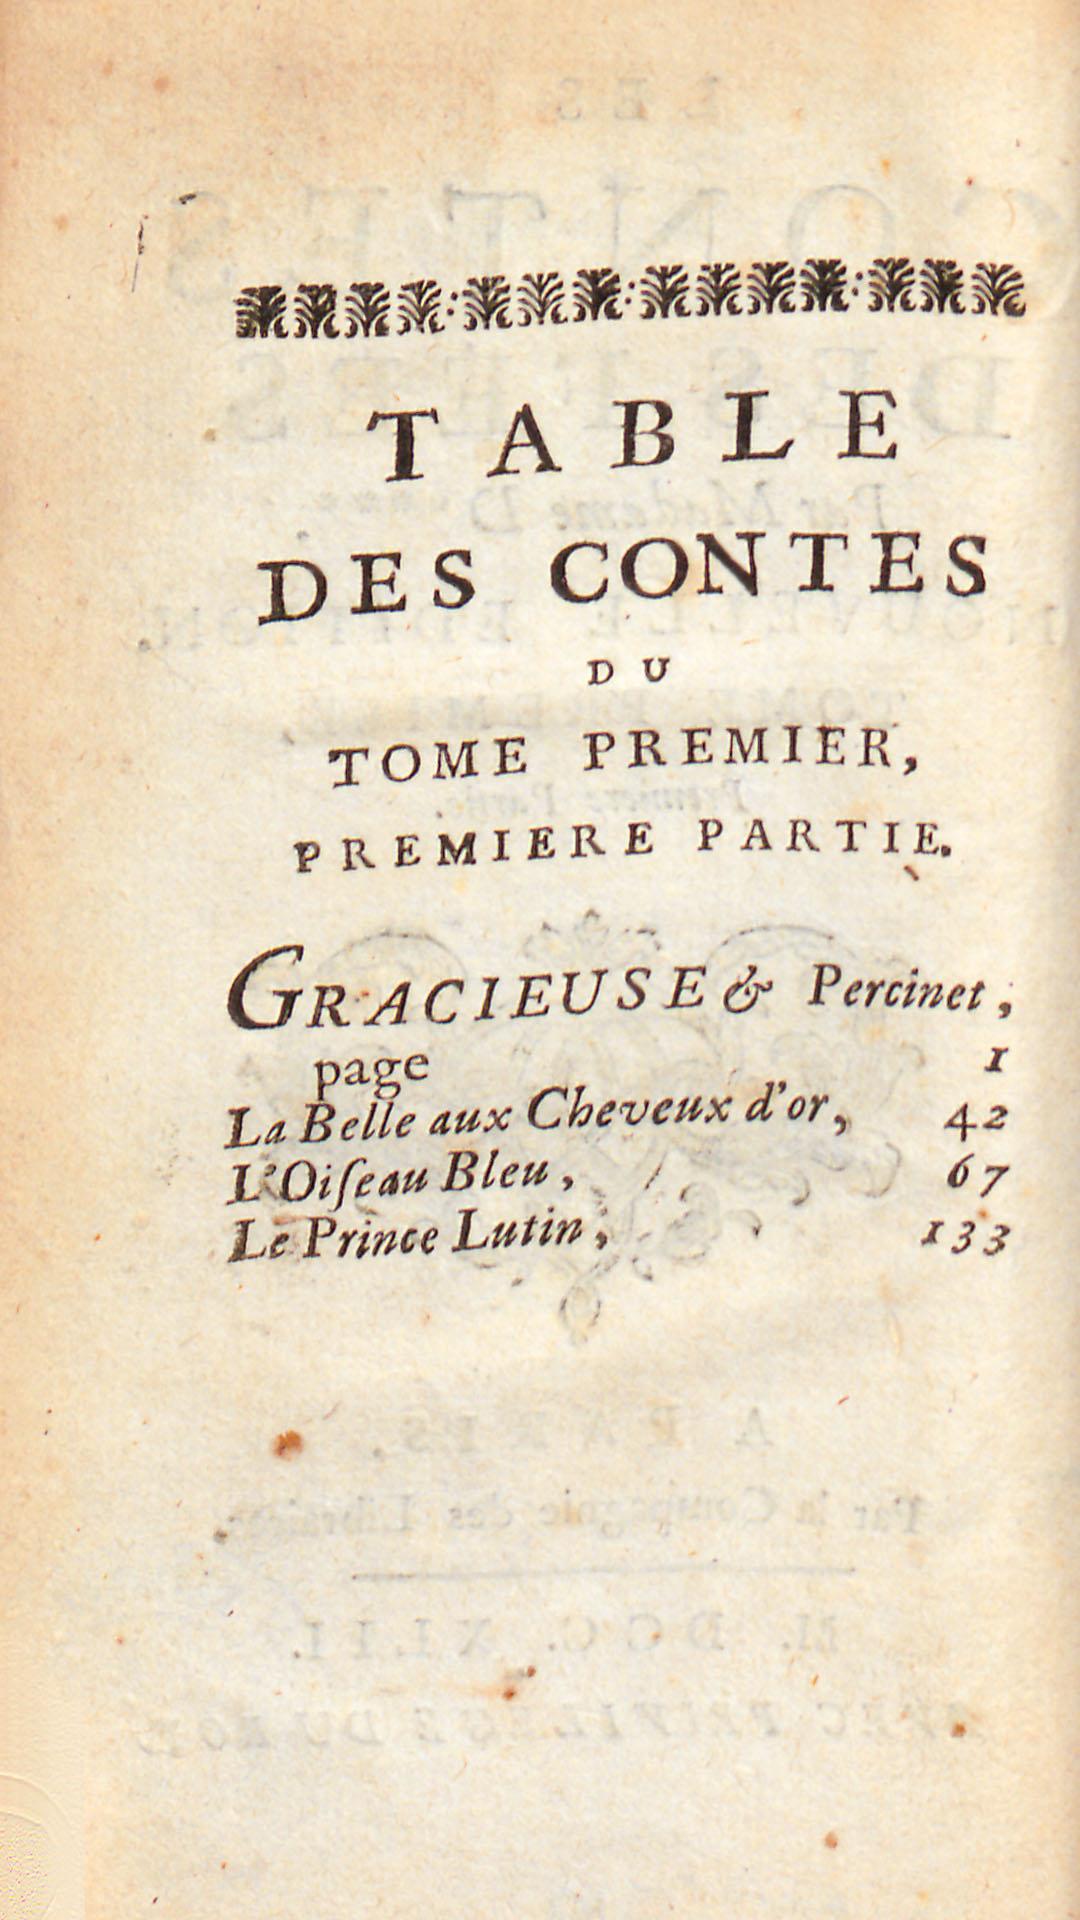 Table des contes, tome premier, première partie